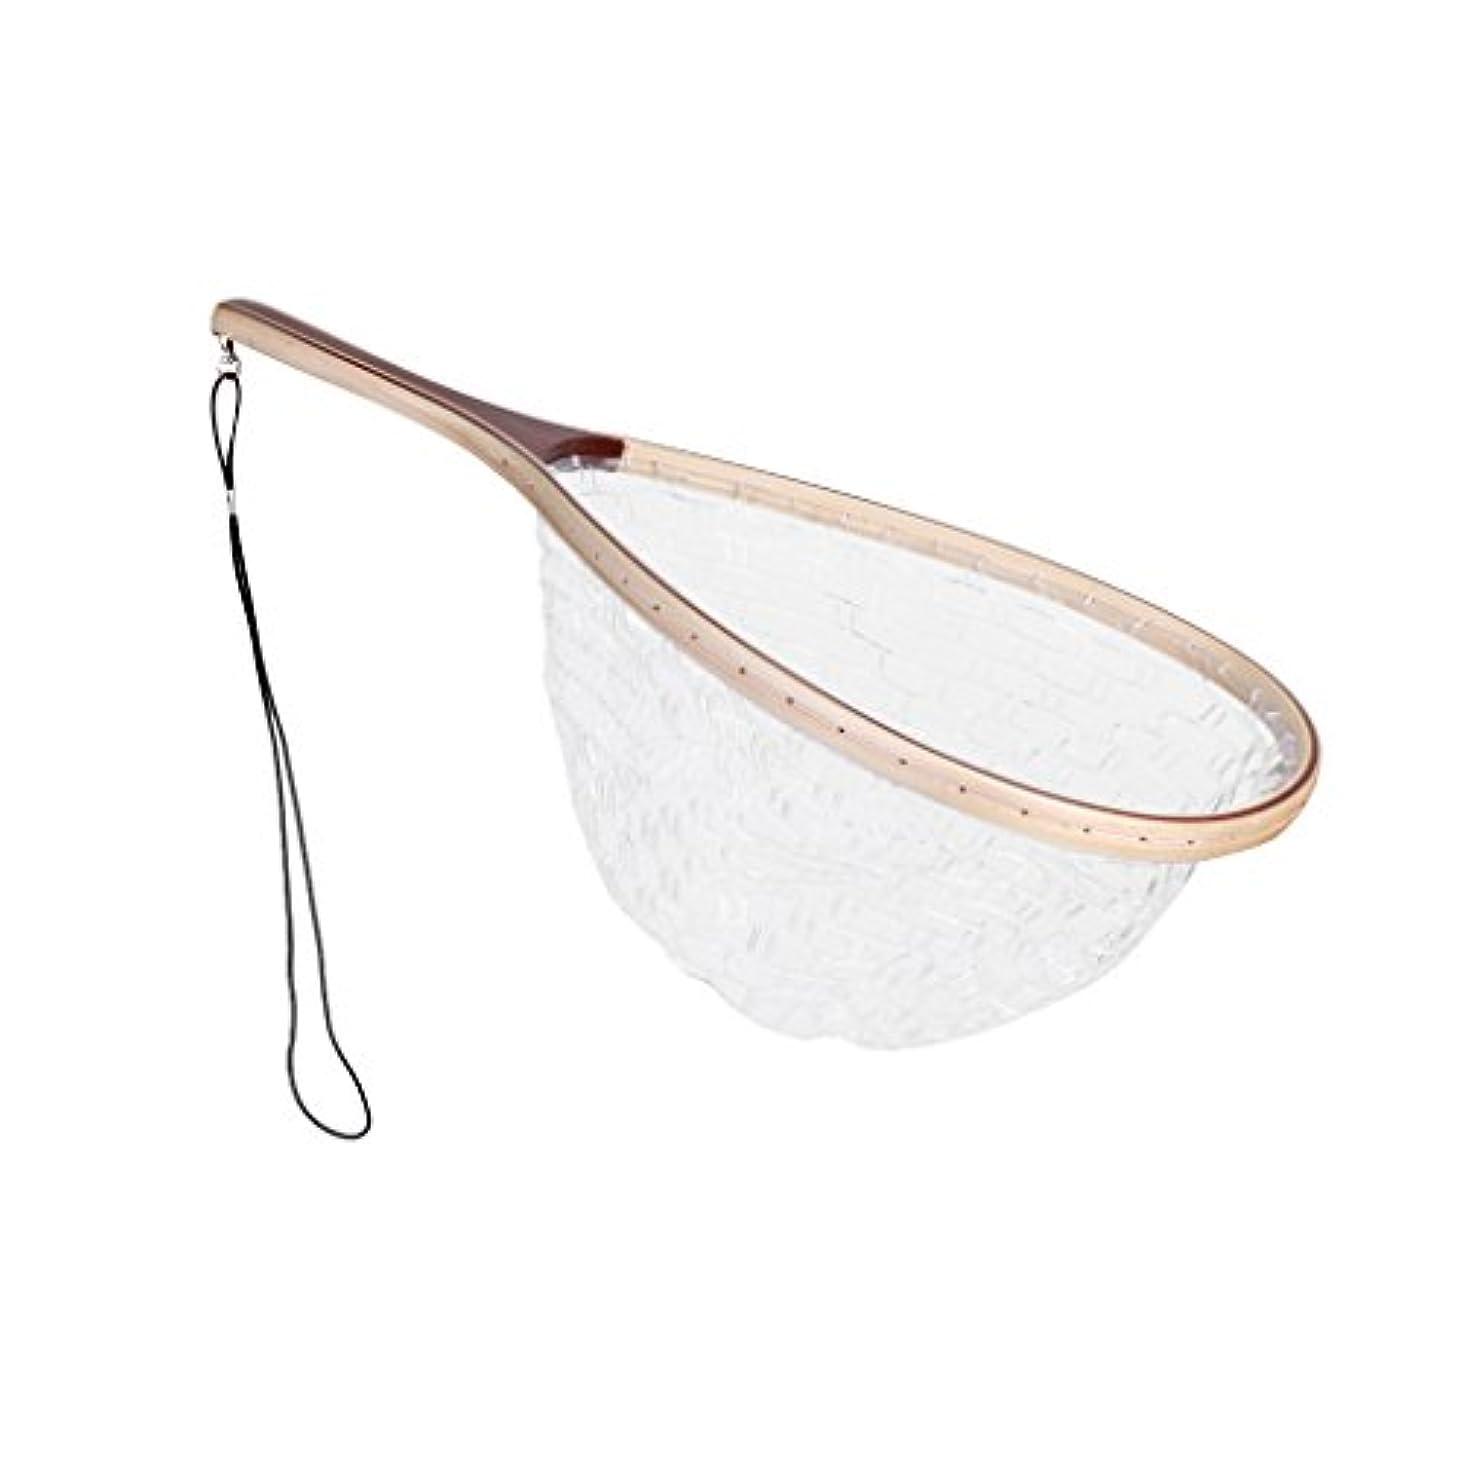 ガム周辺フィードフライフィッシング トラウト キャッチ ラバー ランディングネット 魚 キーパー 木製ハンドル 白色